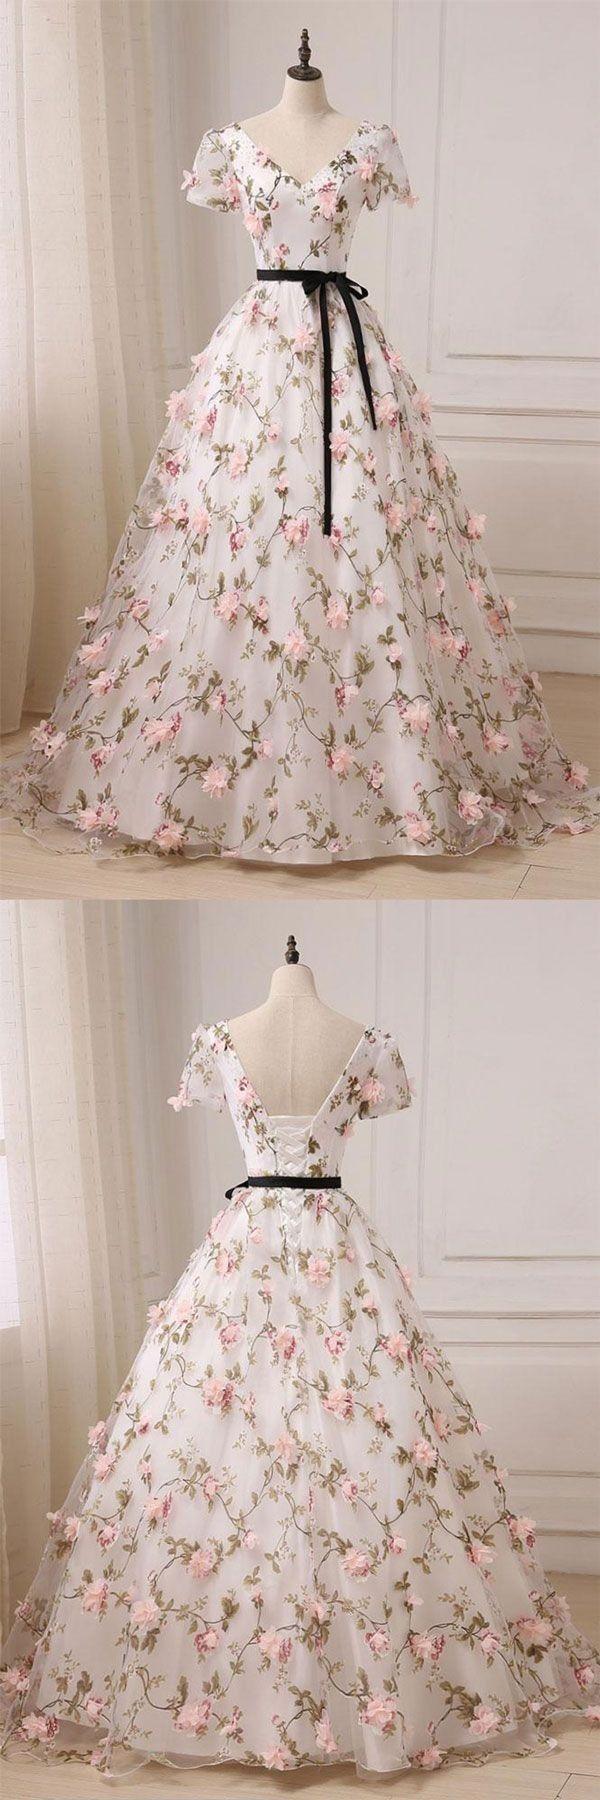 3d #Floral #Dresses #Gowns #EveningDress